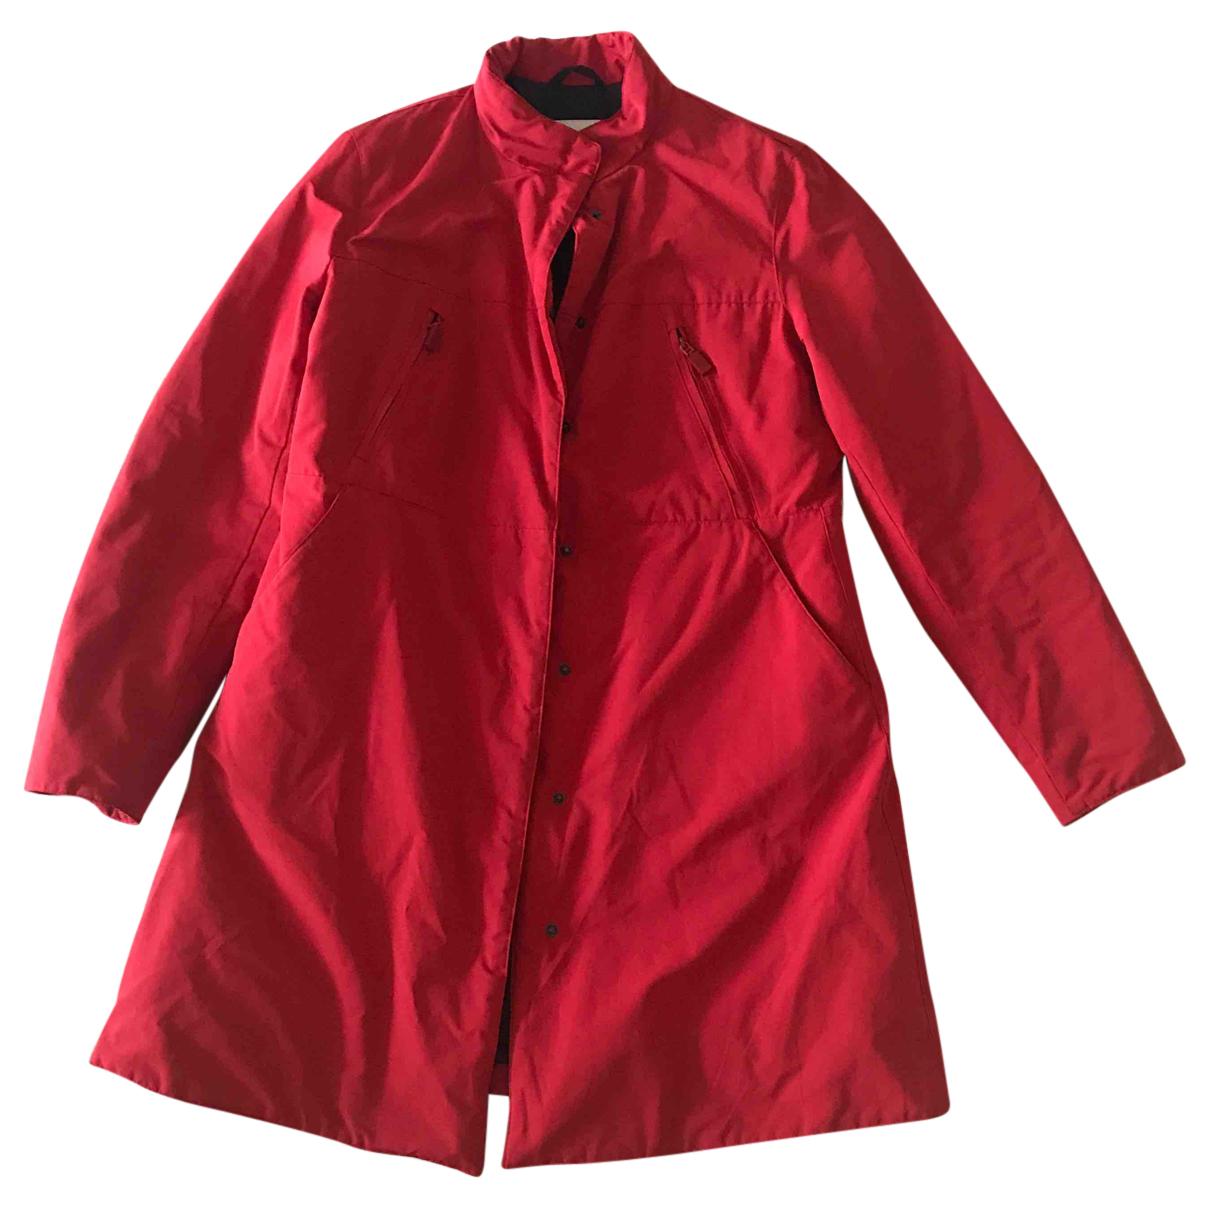 Aspesi \N Jacke in  Rot Baumwolle